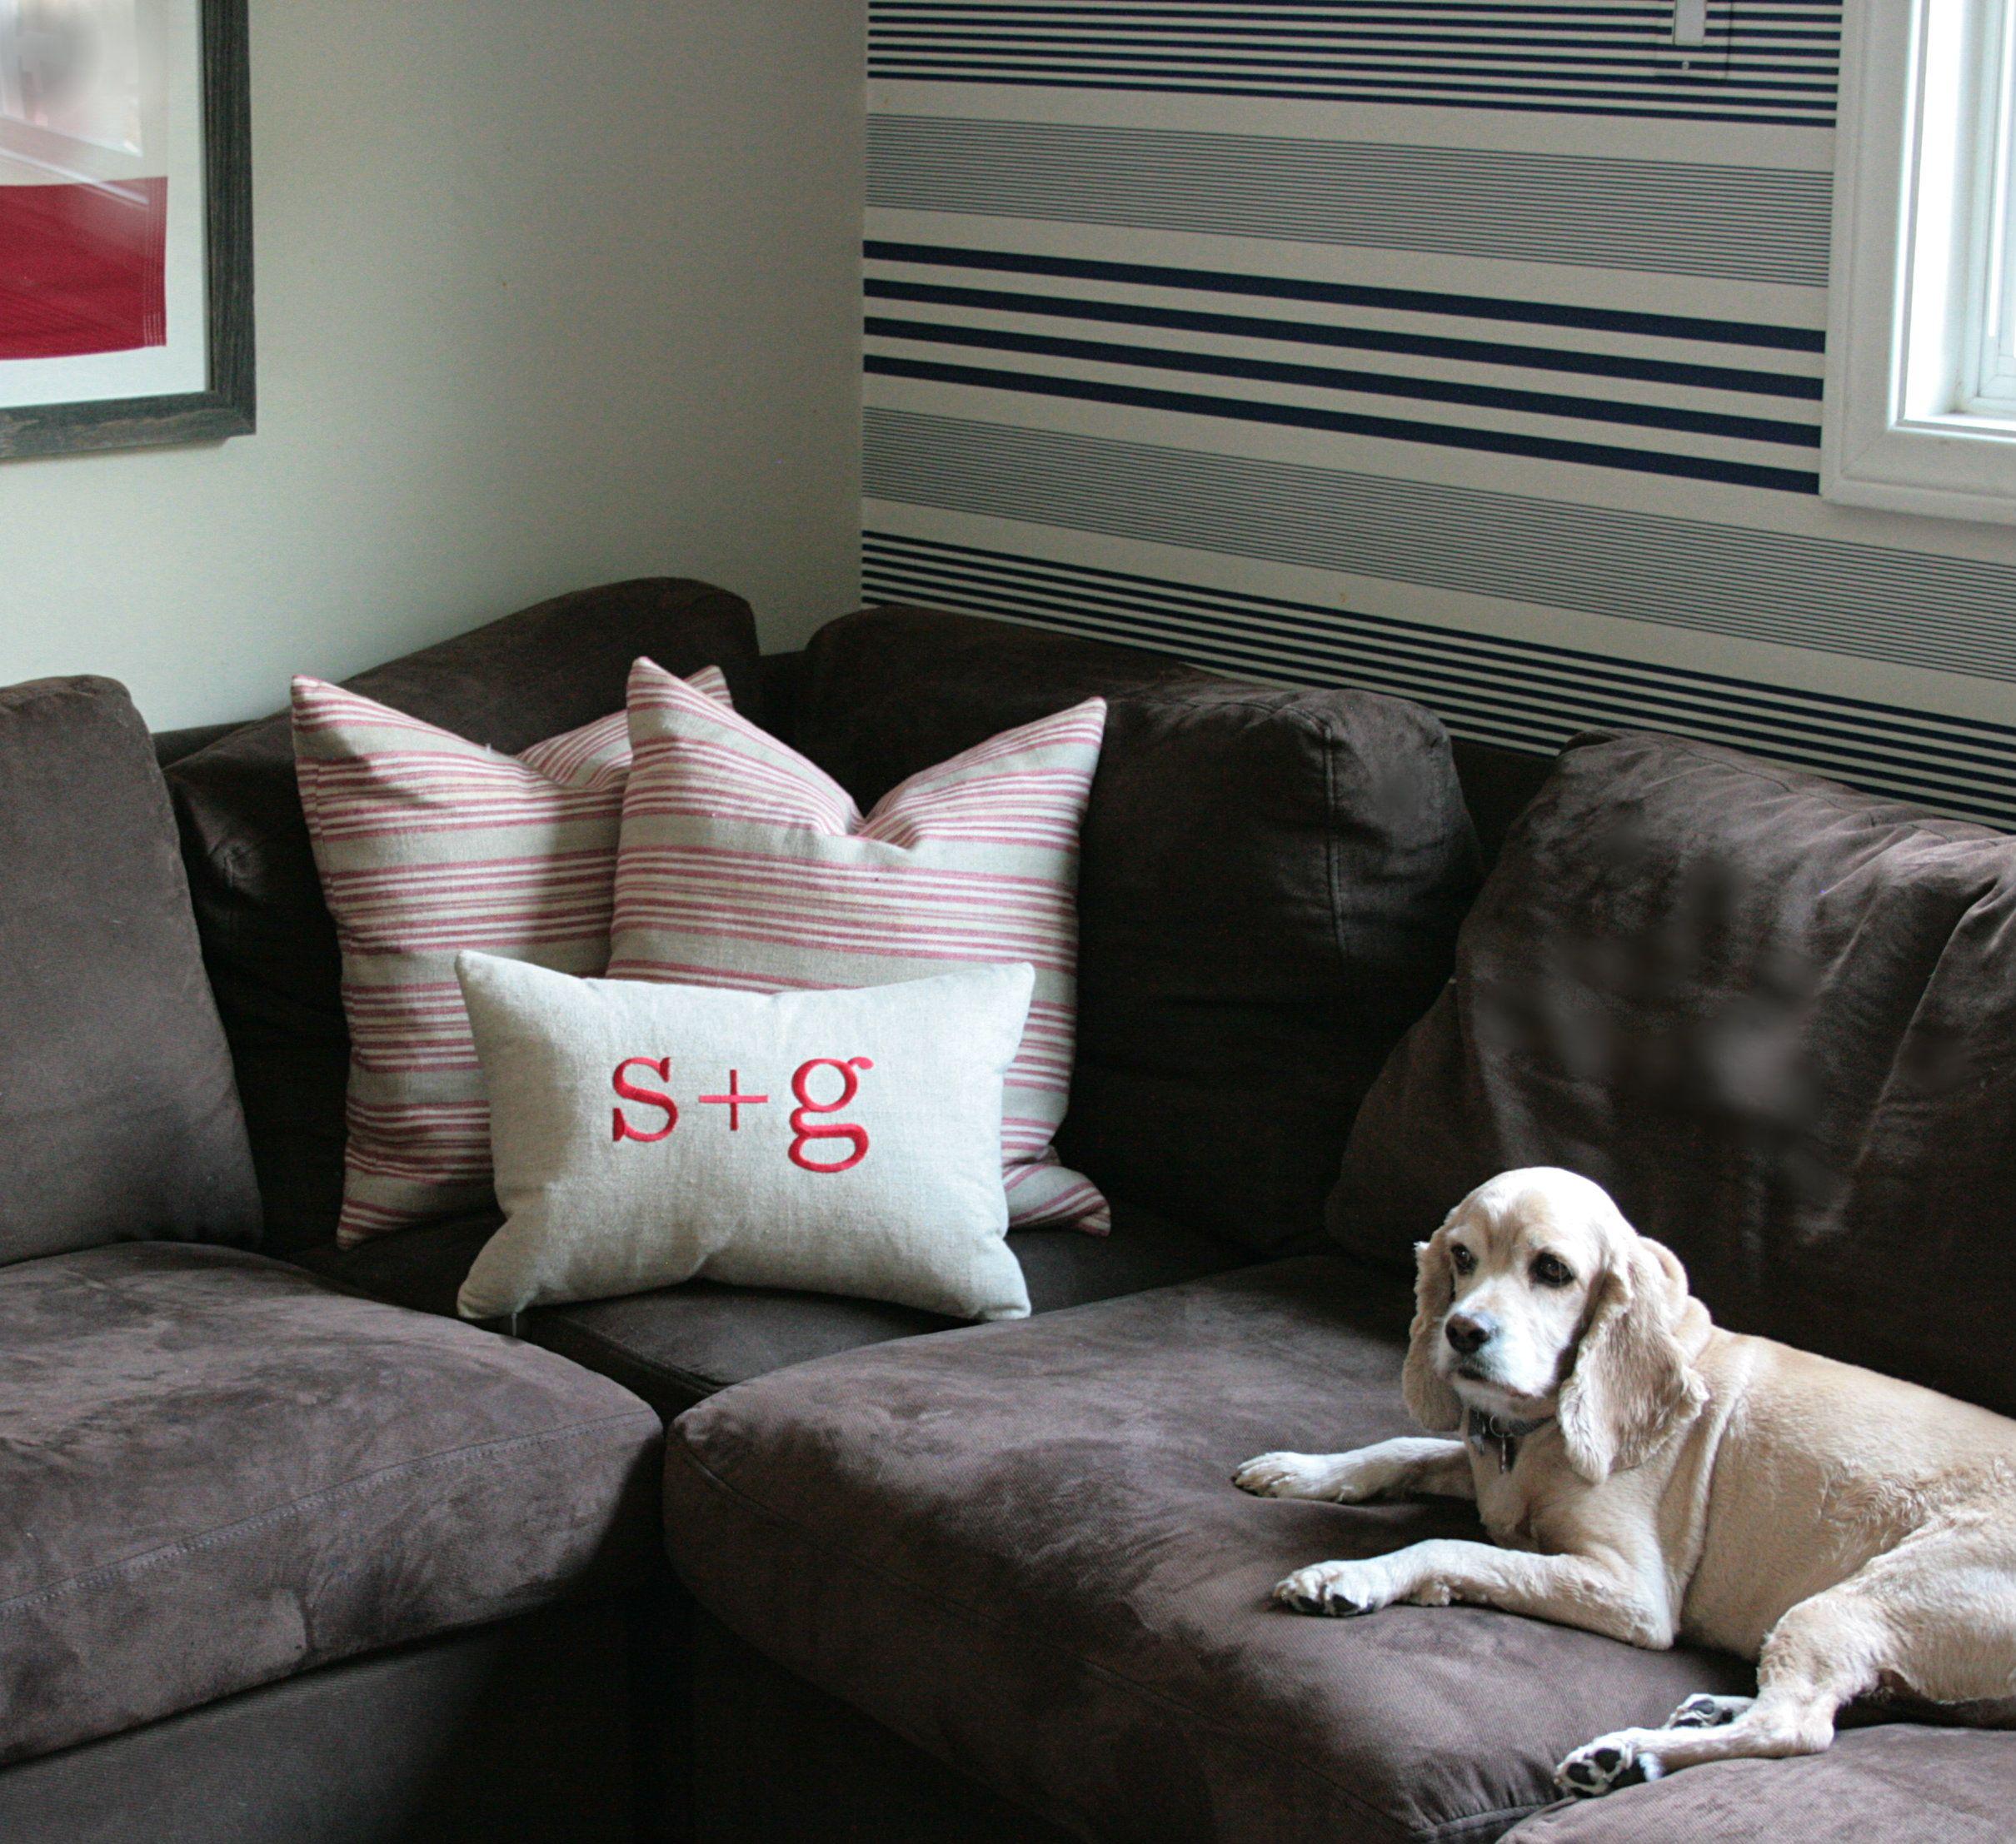 cute initial pillows